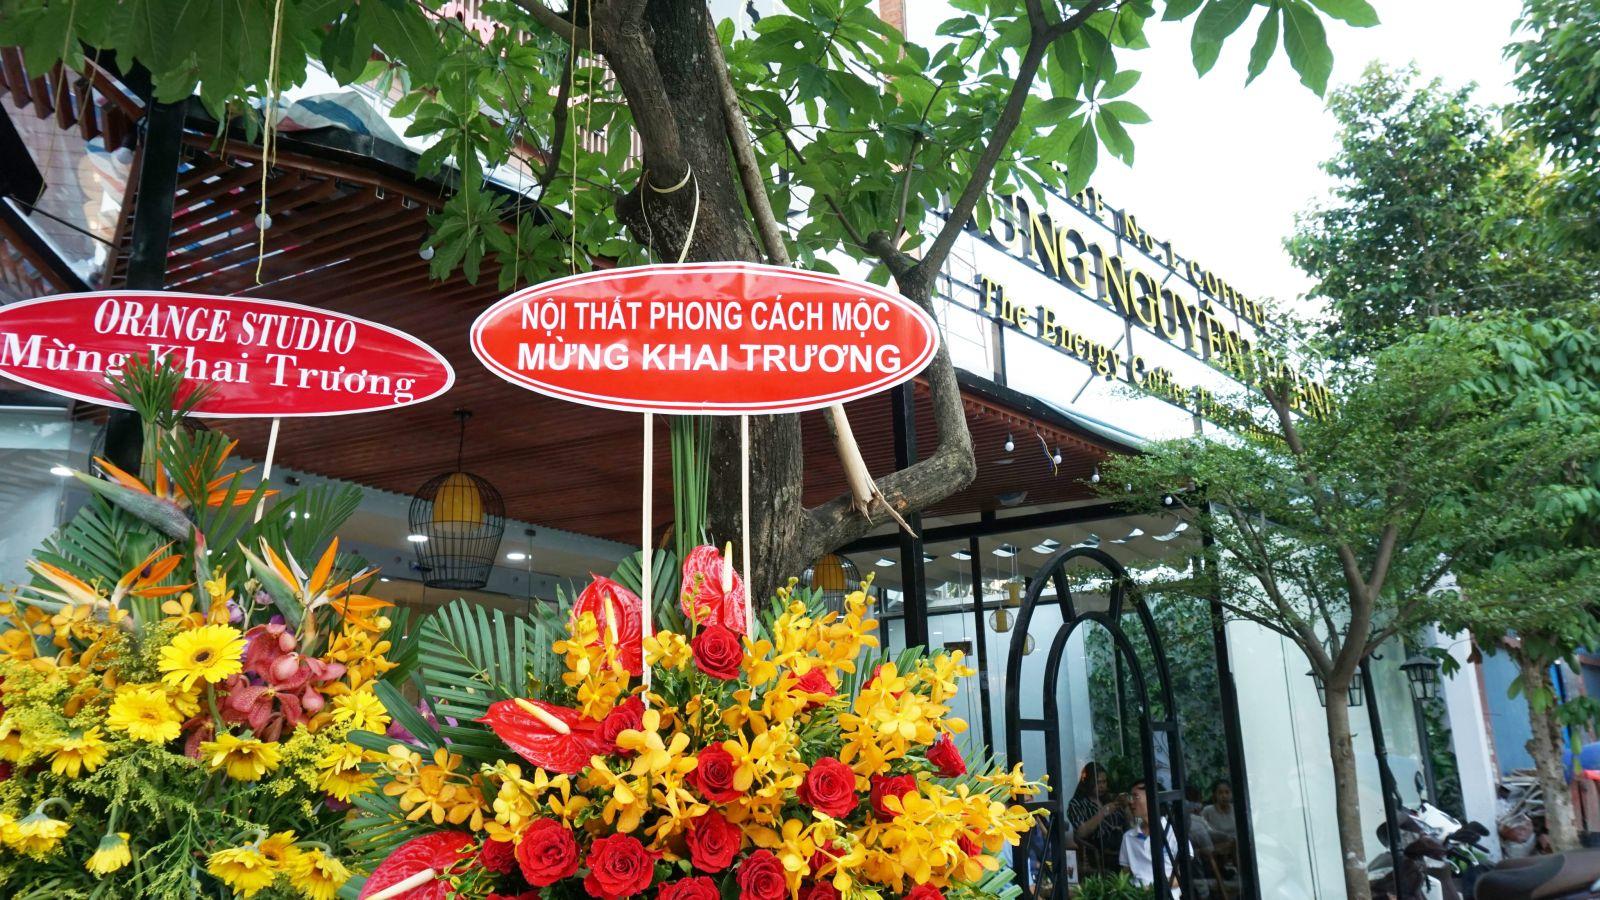 noi-that-quan-cafe-trung-nguyen-legend-him -lam-2